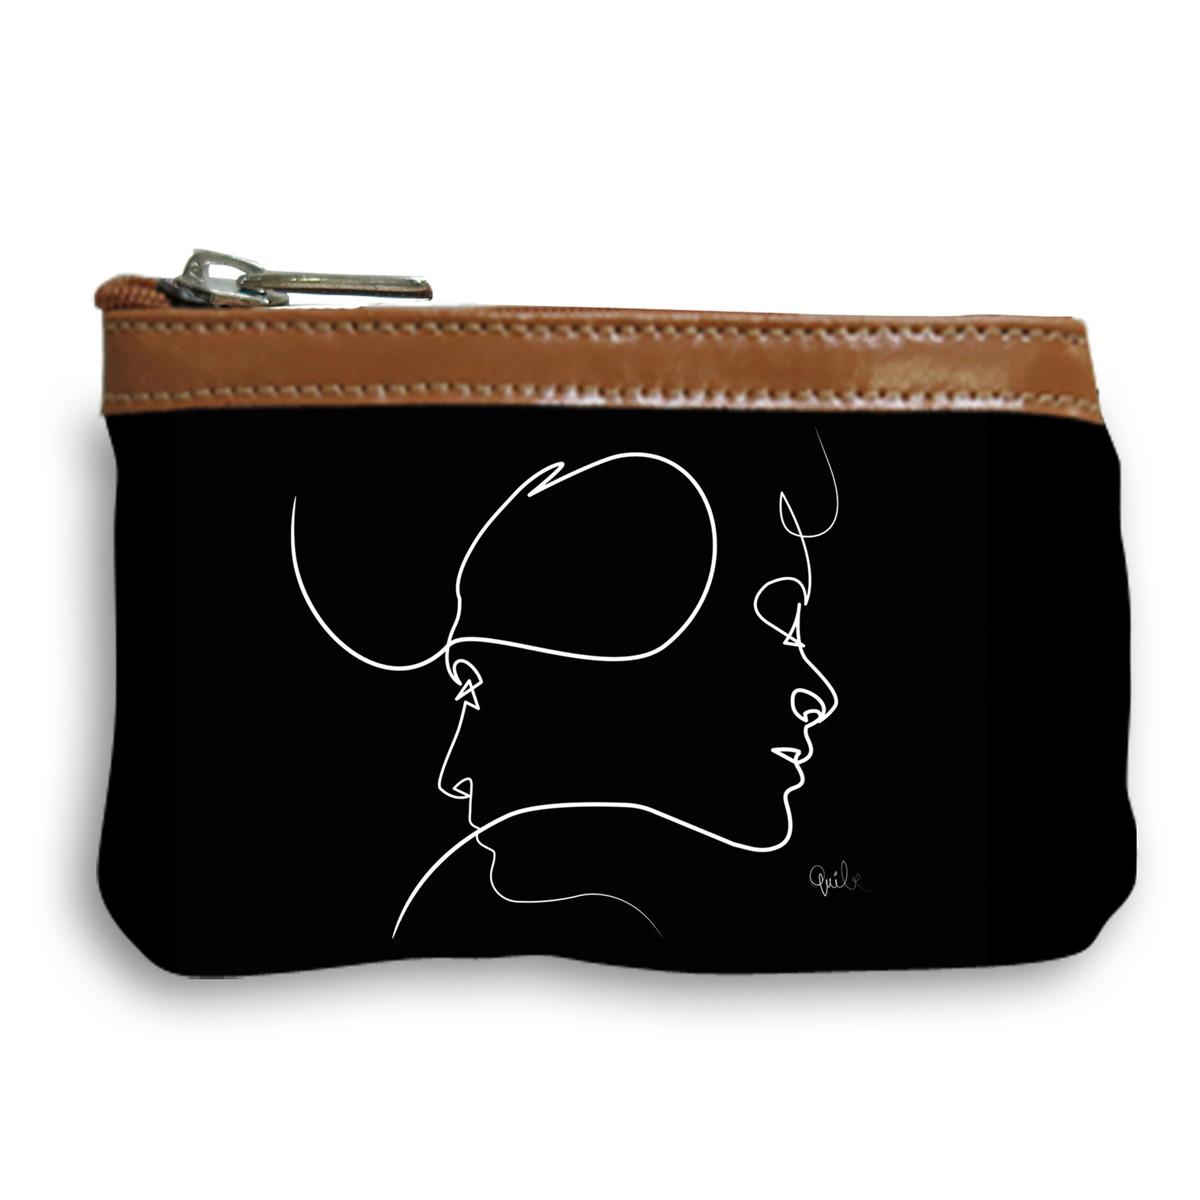 Pochette trousse artisanale \'Quibe\' noir marron (Presque - visages) - 14x10x2 cm - [A0325]